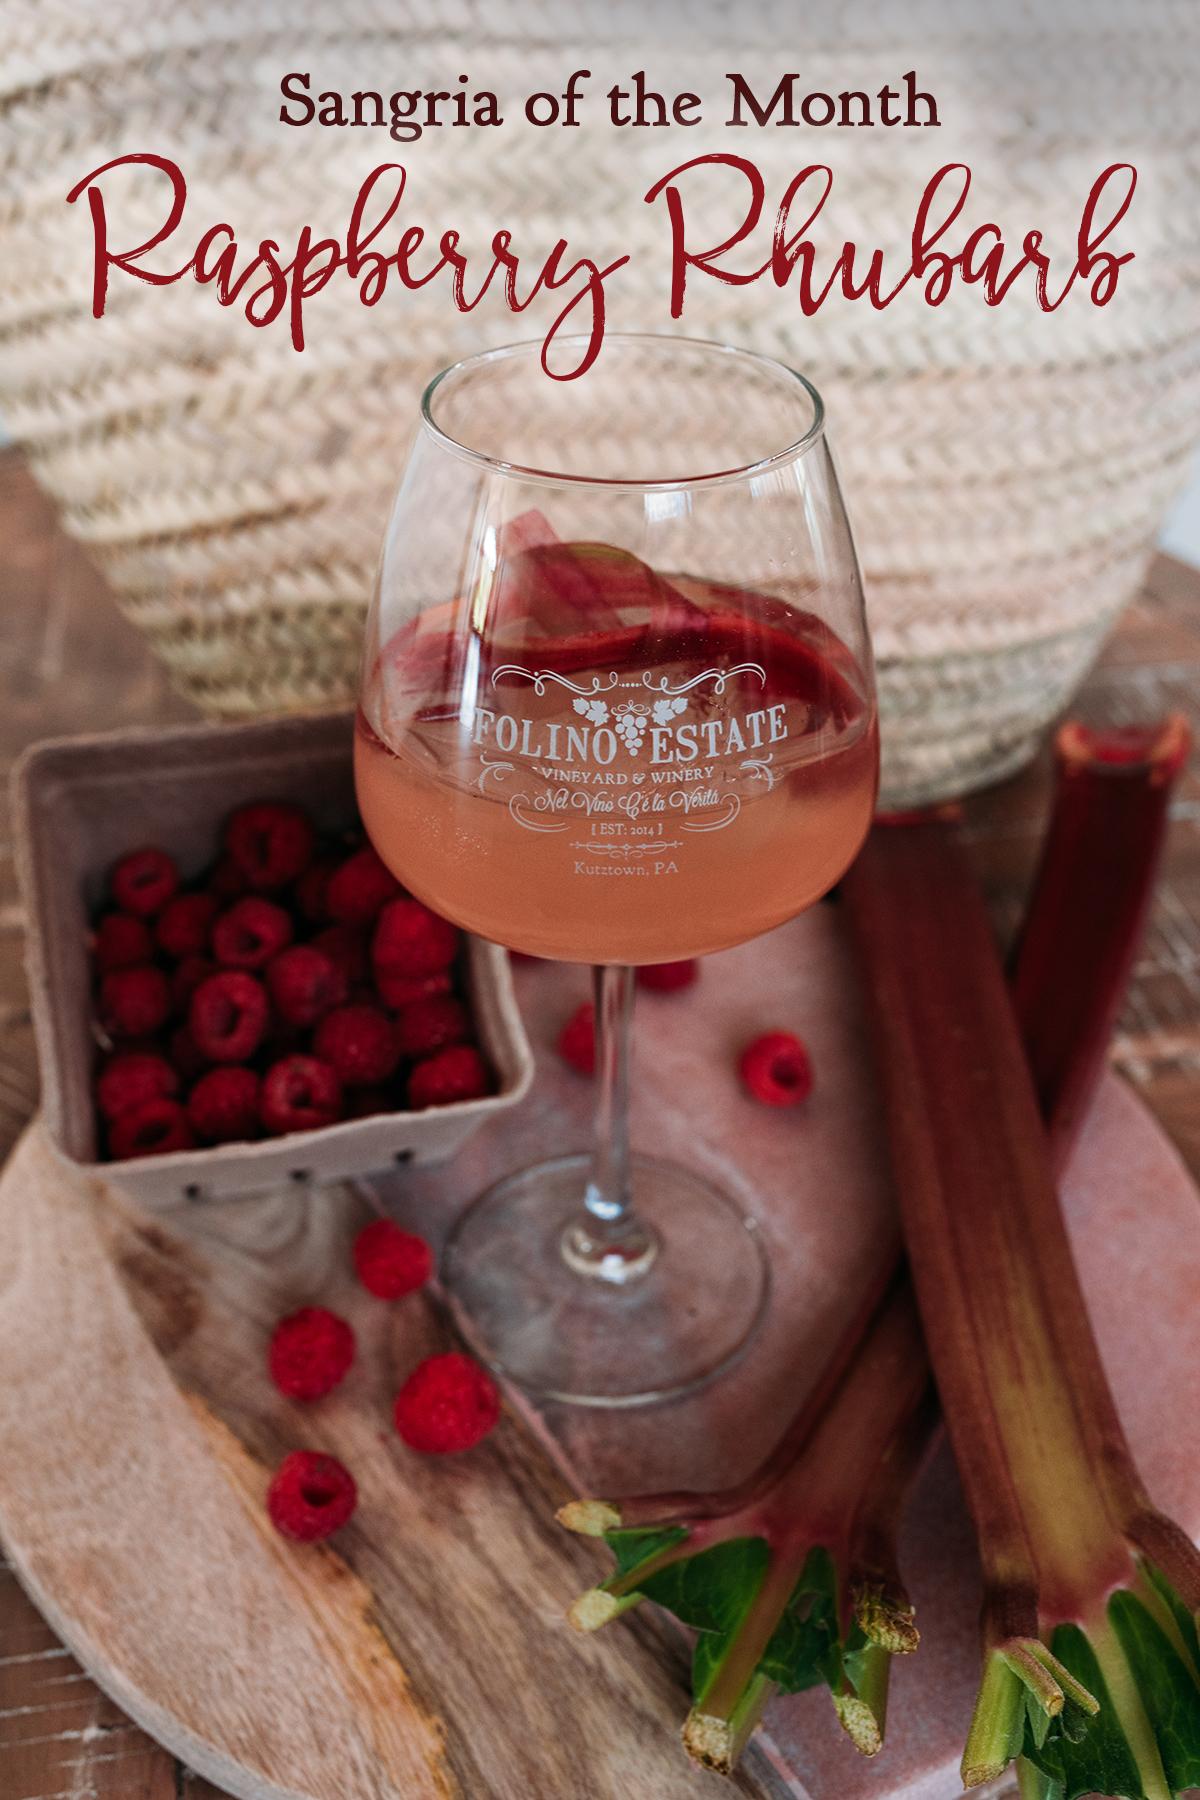 raspberry-rhubarb-4x6.jpg